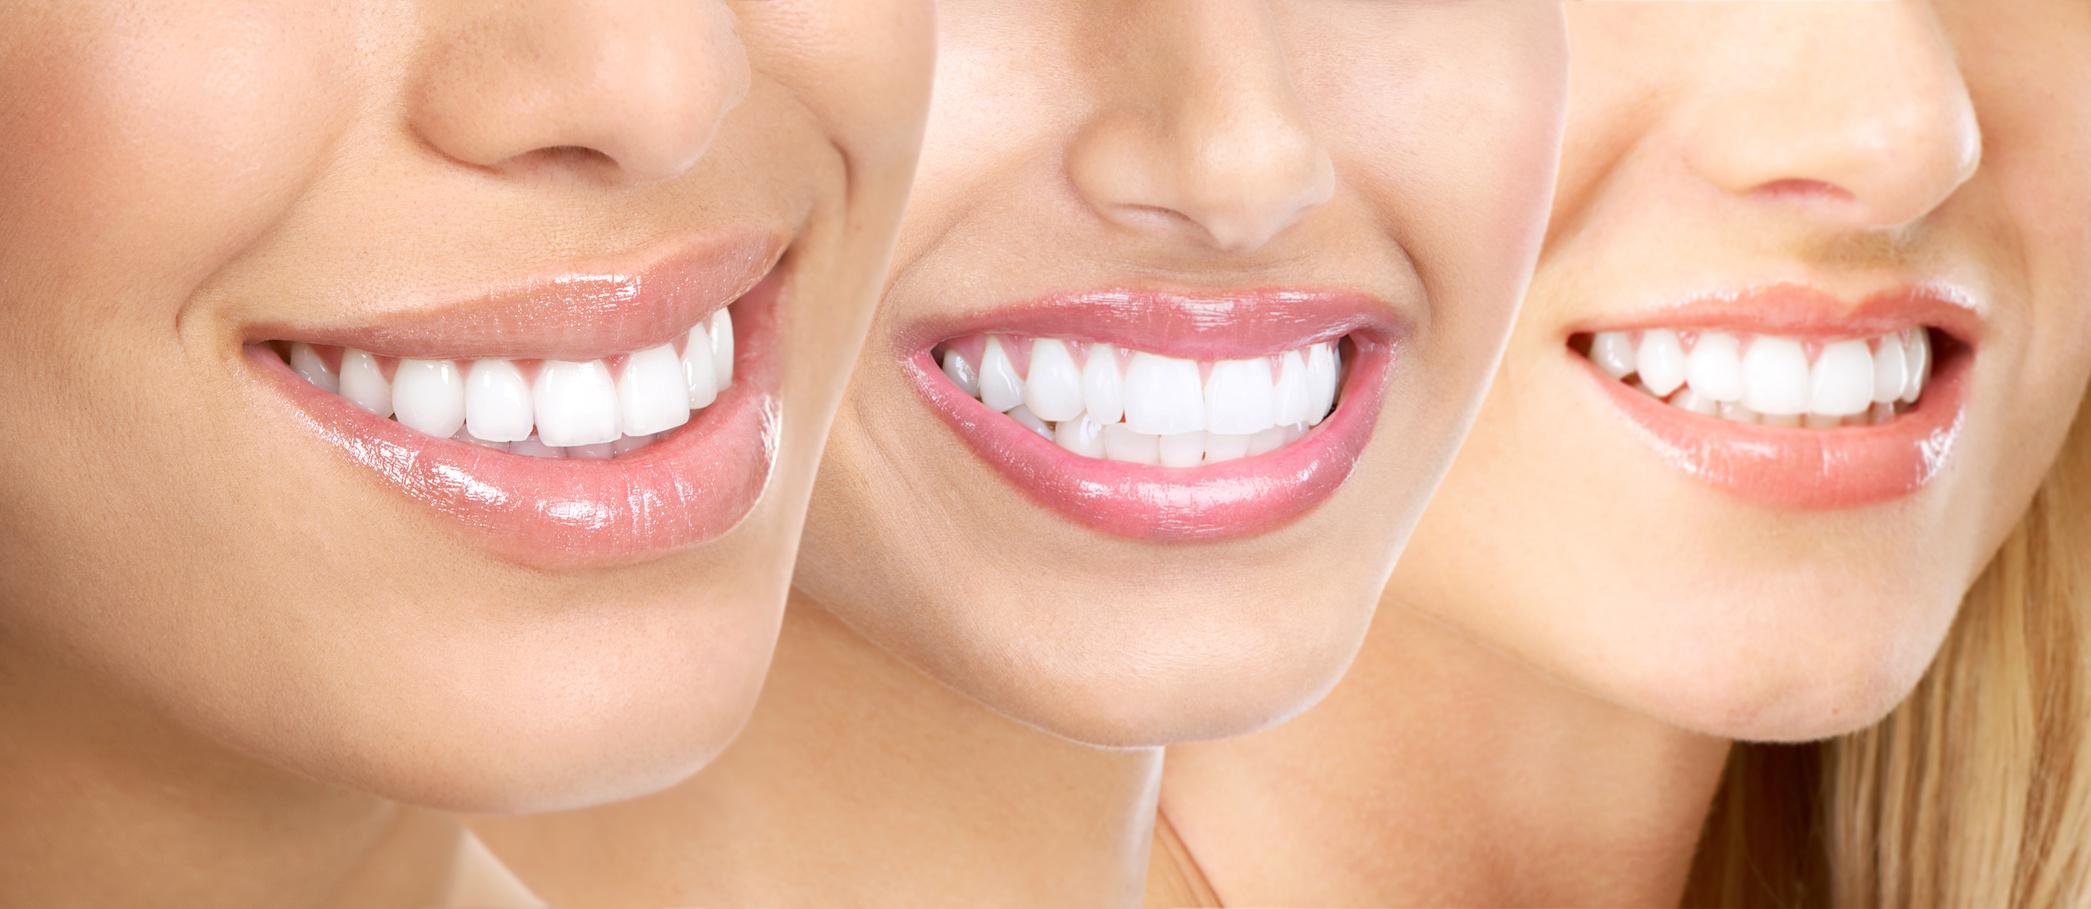 De beste mondverzorging op een natuurlijke manier